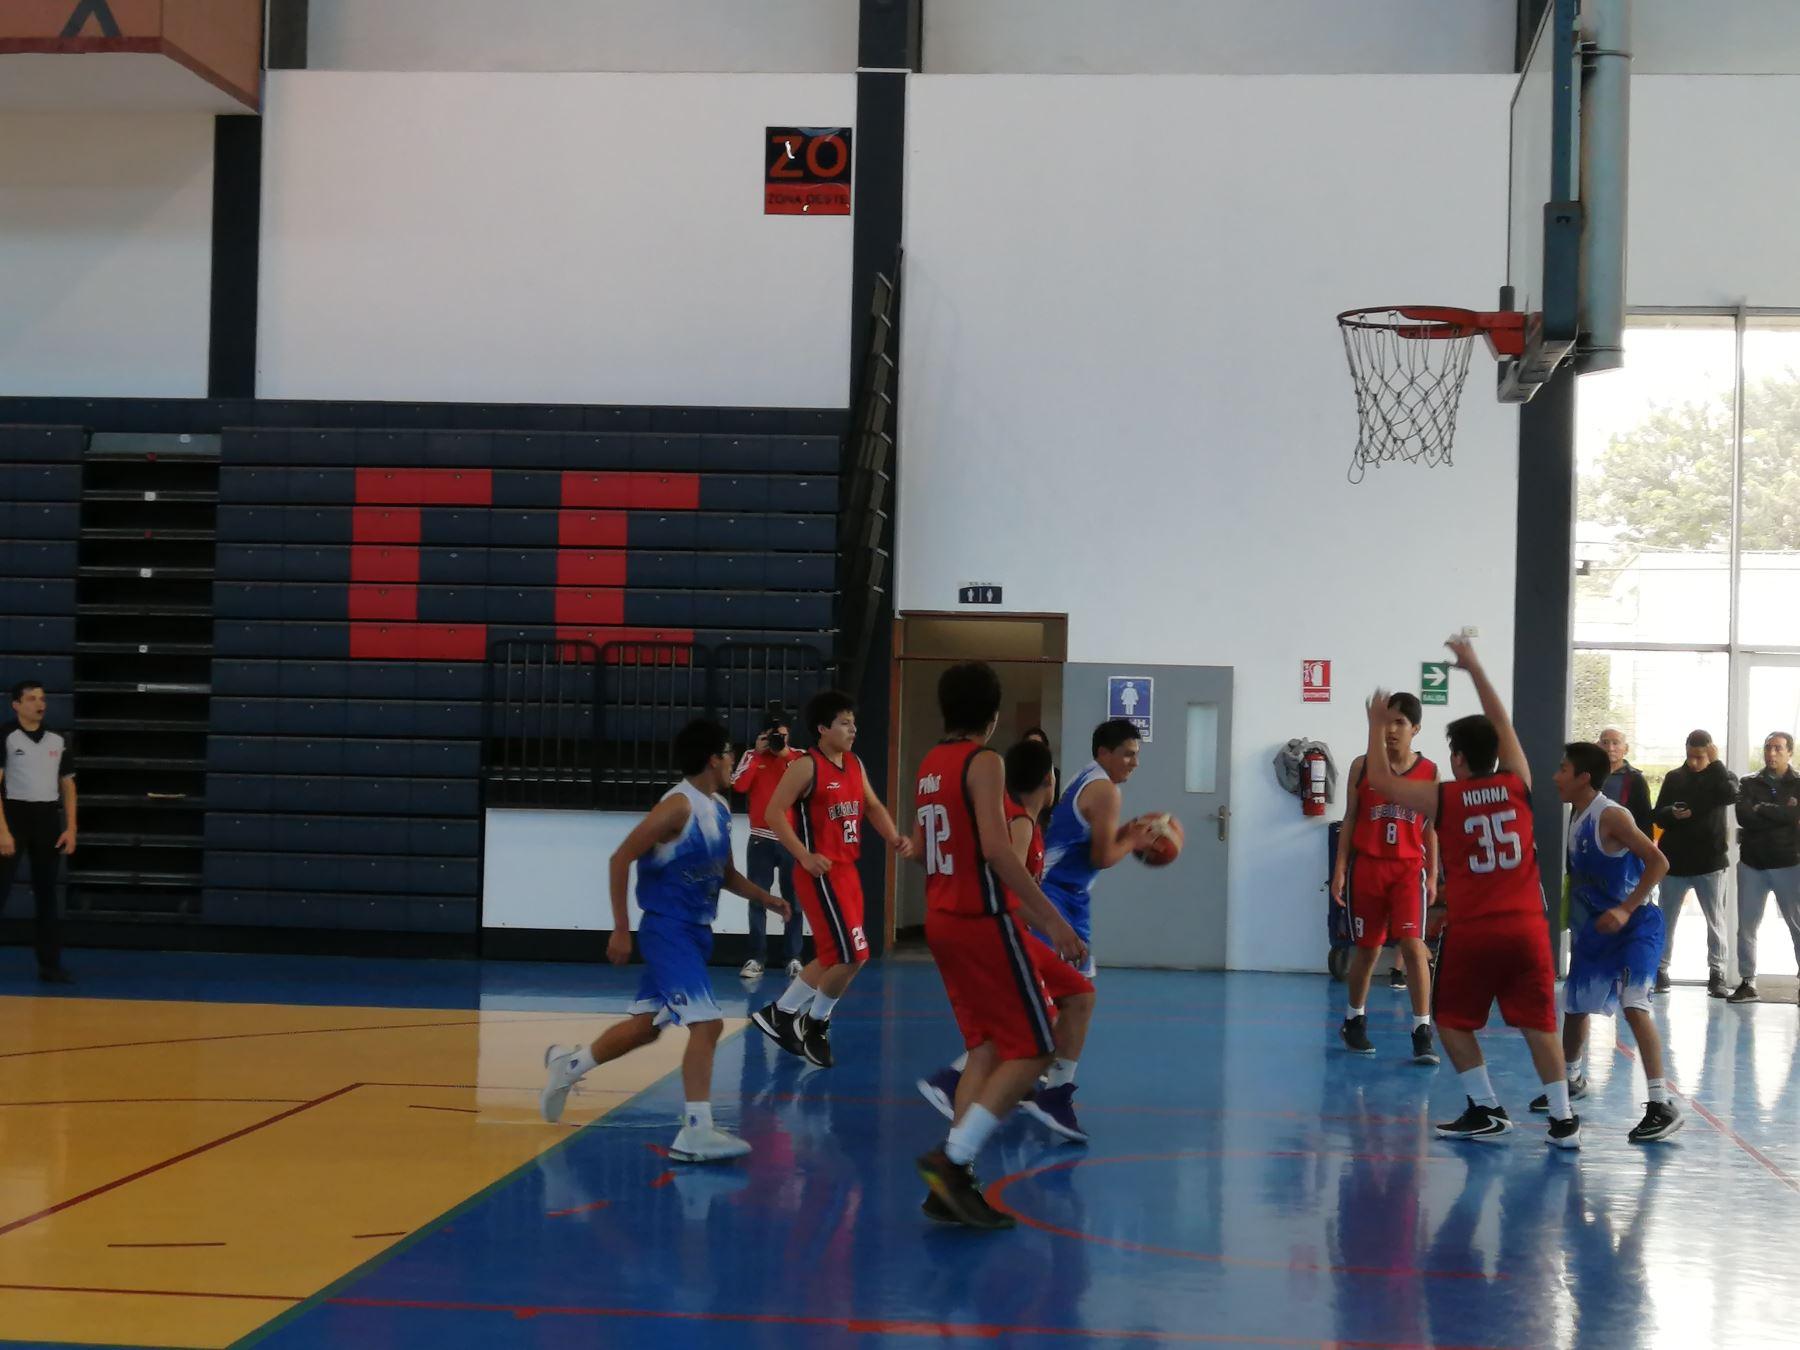 Colegio Sagrados Corazones Recoleta (de uniforme color rojo) llega invicto y disputará por primera vez el campeonato nacional de los Juegos Deportivos Escolares 2019. Foto : Luis Zuta